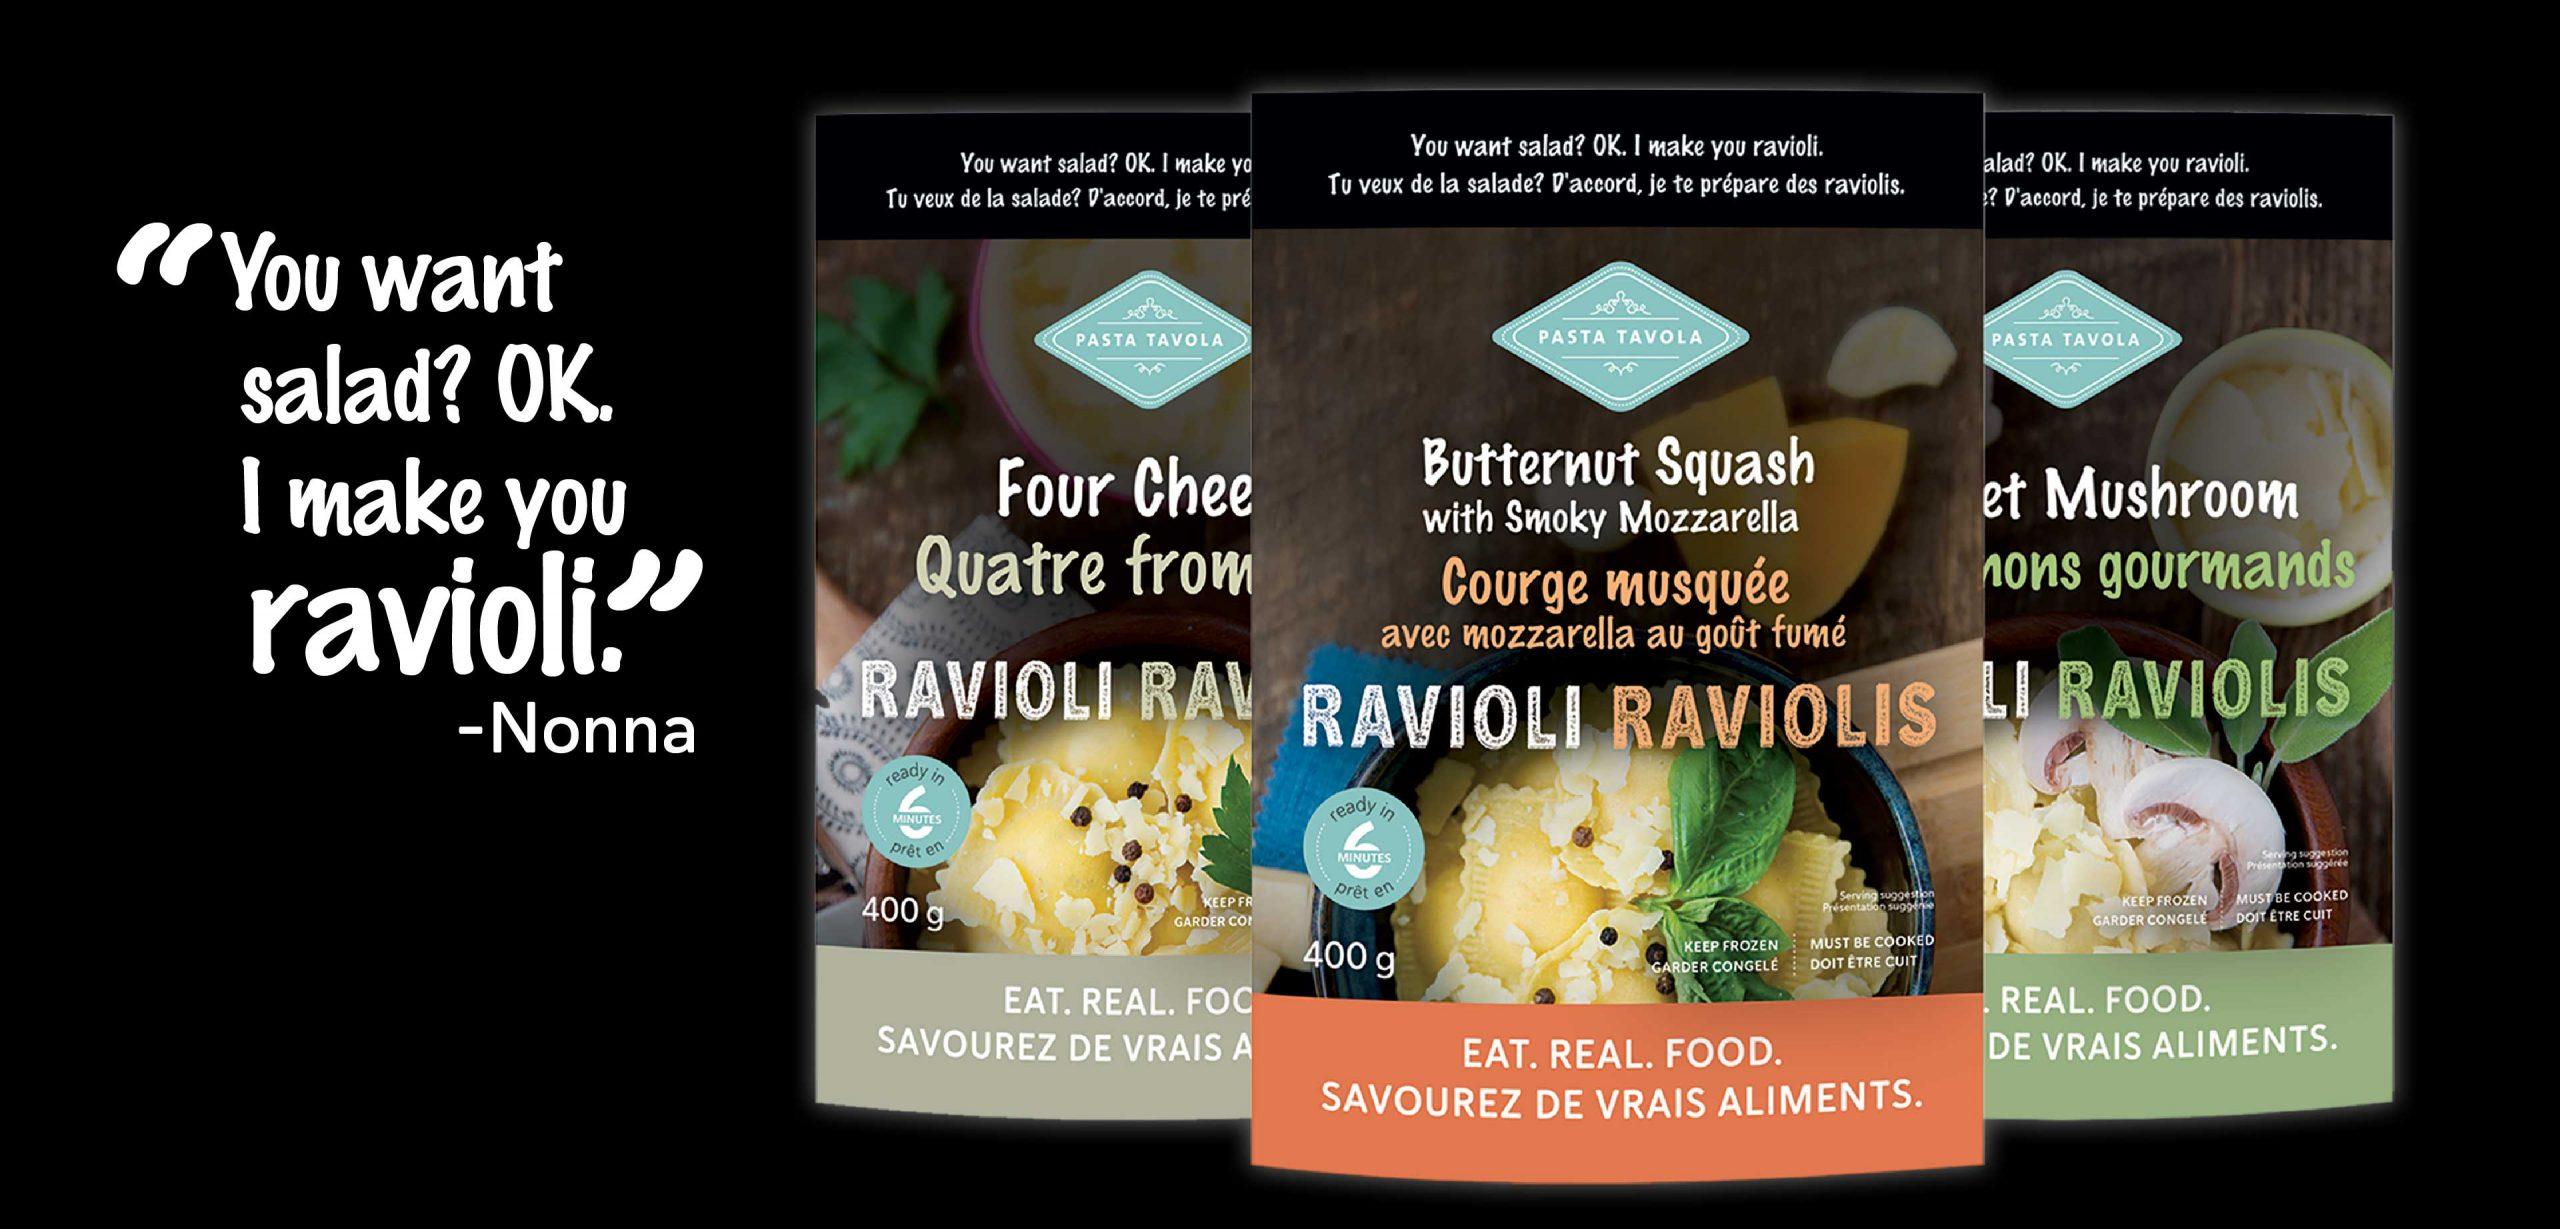 Products – Pasta Tavola